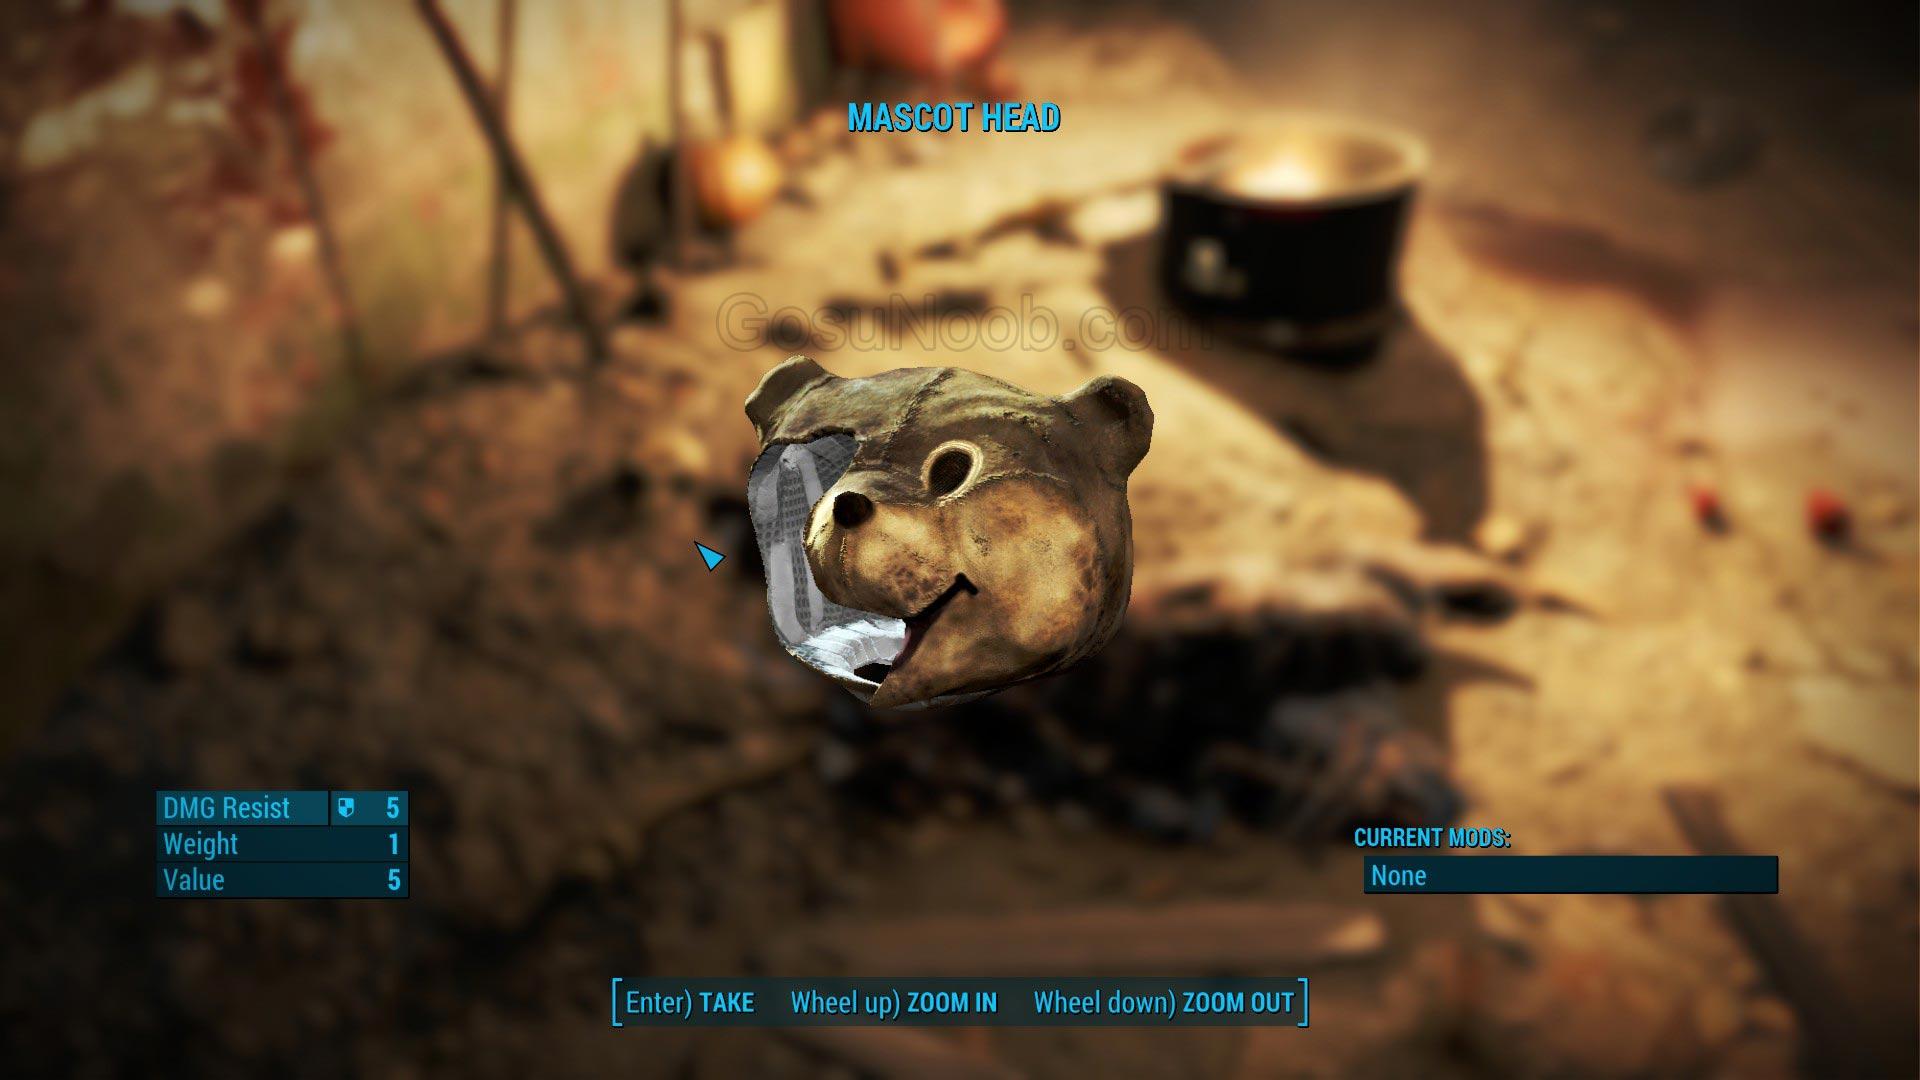 Mascot Head - Unique Costume Fallout 4 - Gosu Noob